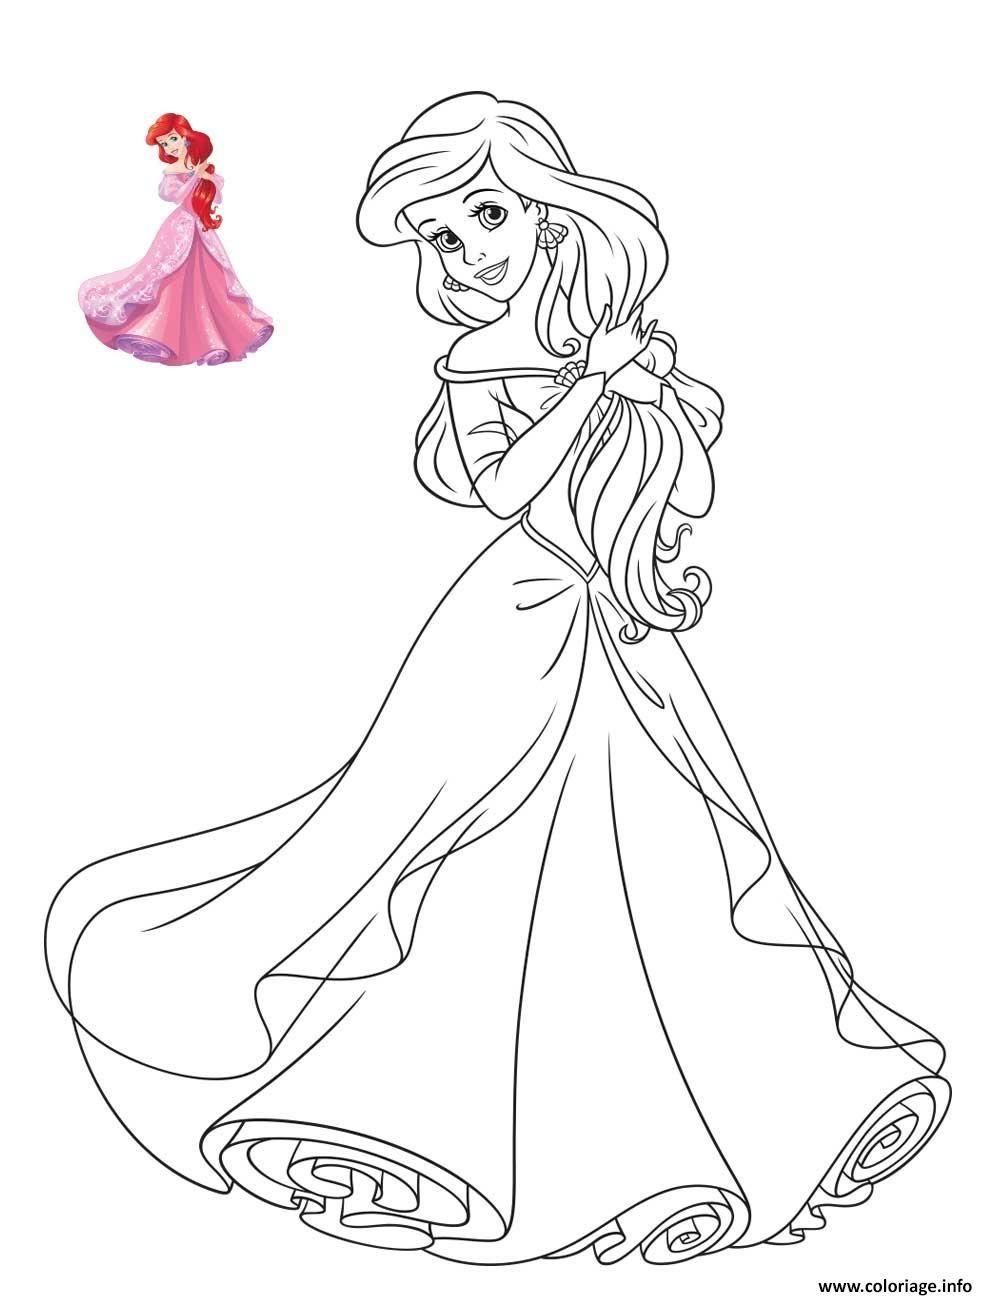 11 Prestigieux Coloriages Princesses Disney Photograph Disney Princess Colors Princess Coloring Pages Disney Princess Coloring Pages